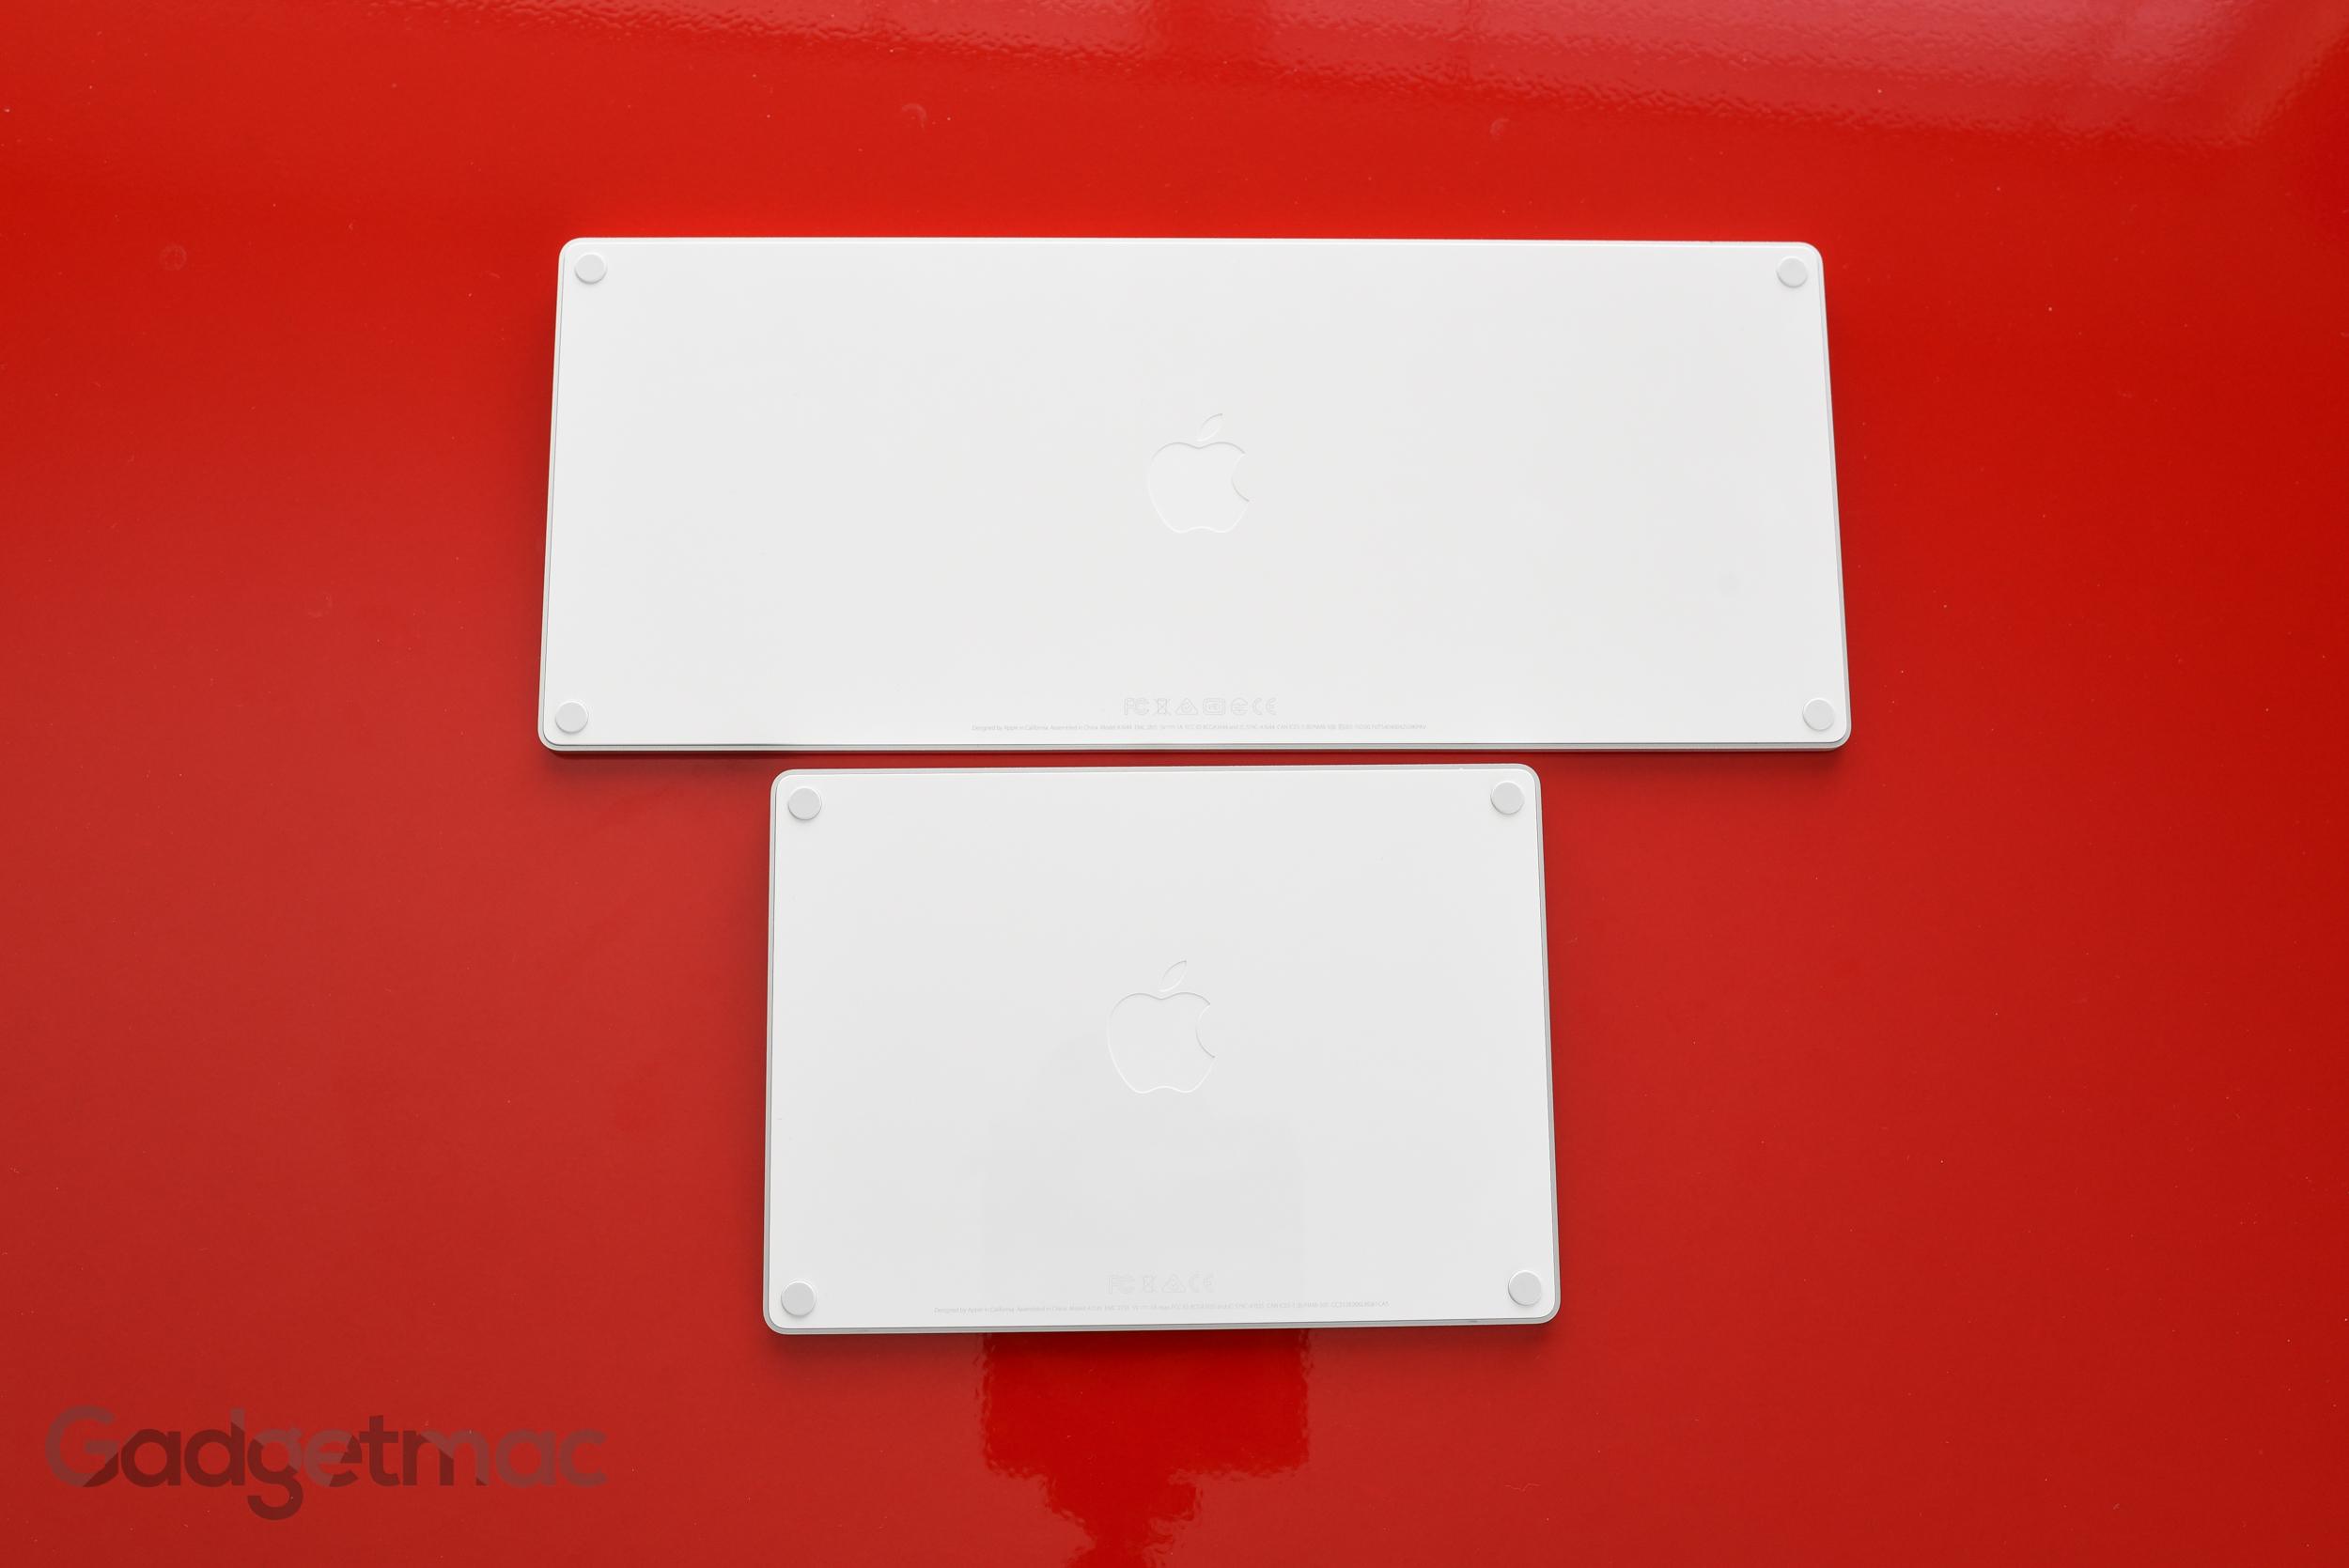 apple-magic-keyboard-magic-trackpad-2-bottom.jpg